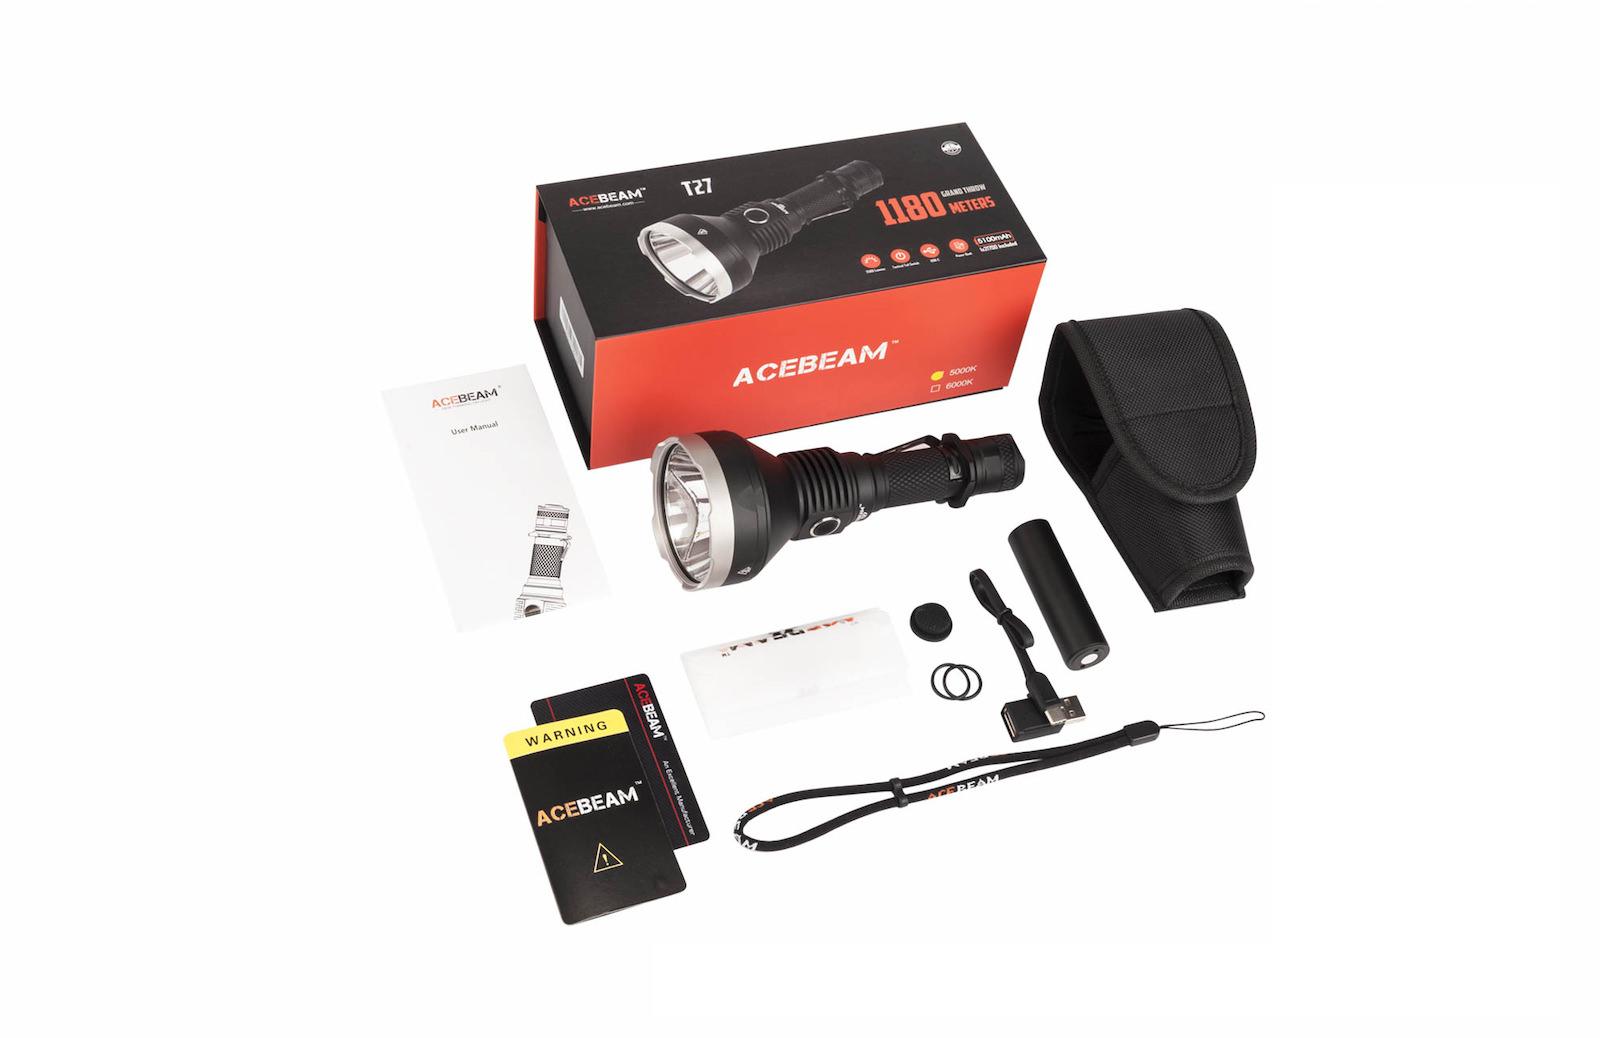 Contenu de l'emballage - Lampe T27Câble de charge USB-CDragonneÉtui de transportMode d'emploiCarte de garantieJoints torique de rechange